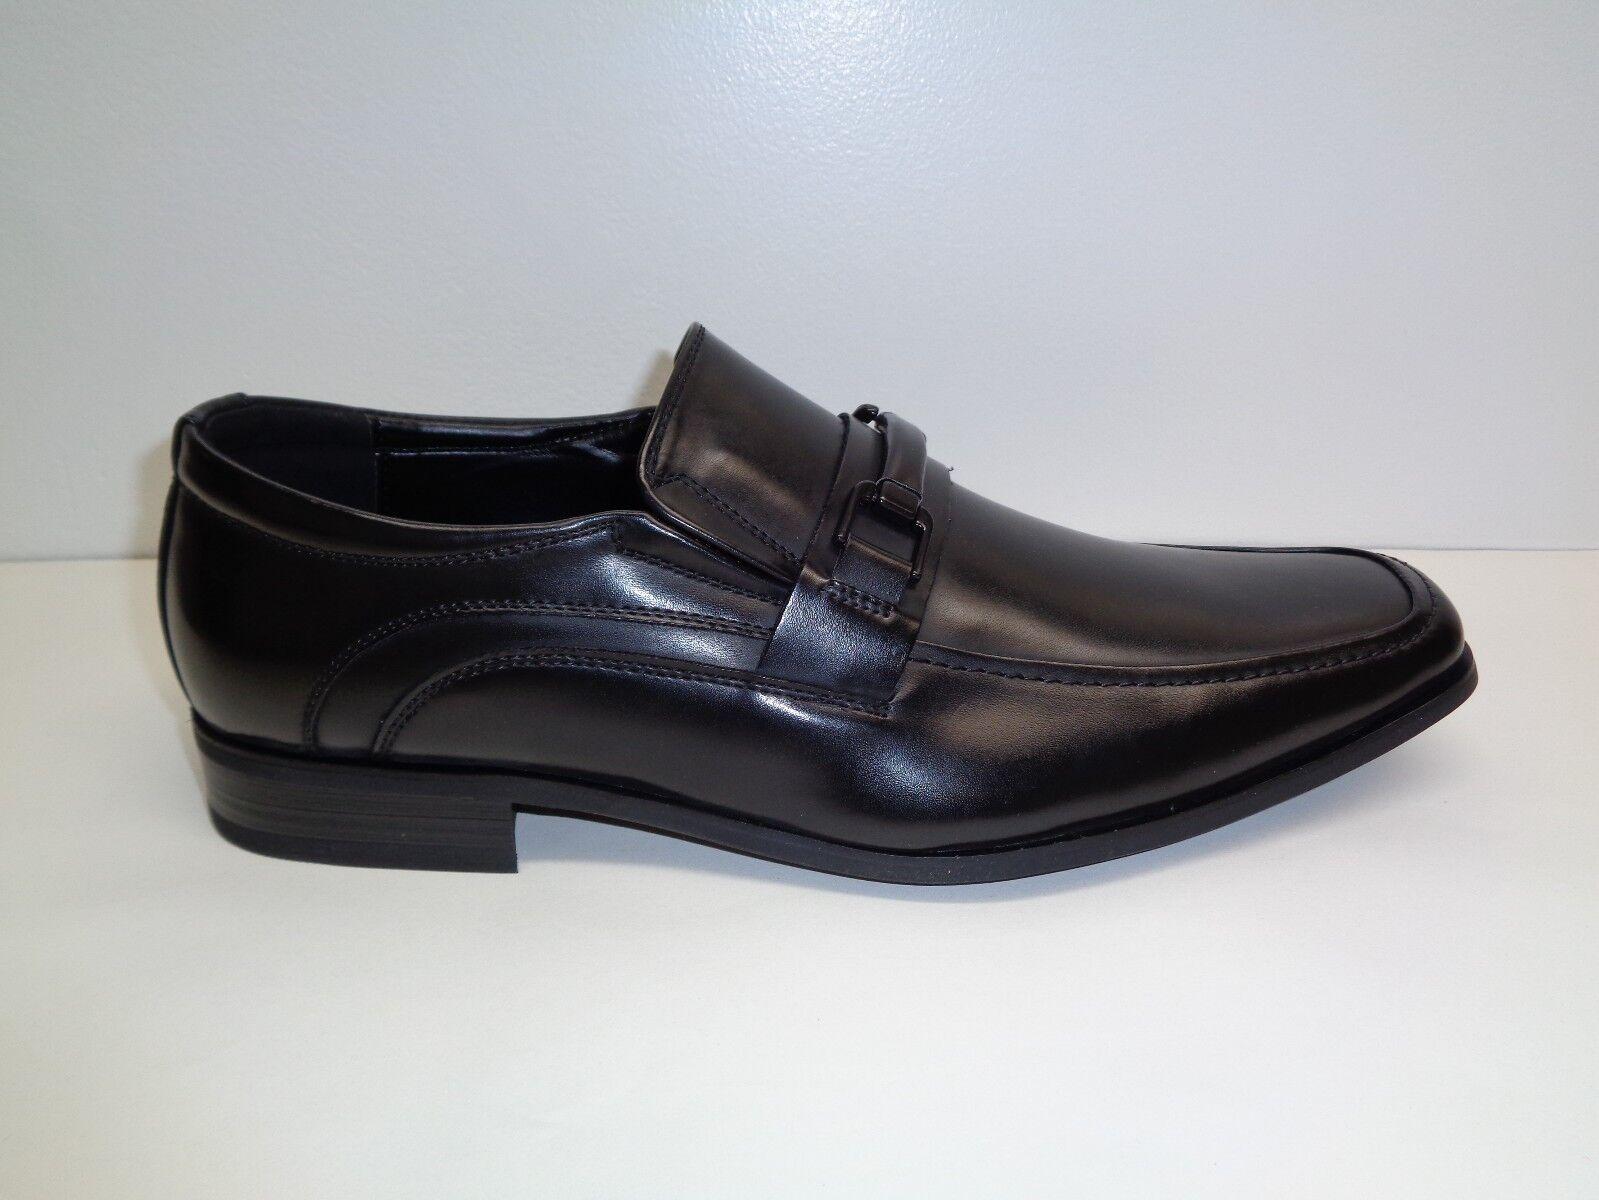 Kenneth Cole Unlisted diseño antideslizante en Nuevo mocasines de 301432 Negro Nuevo en Zapatos para hombre c52472